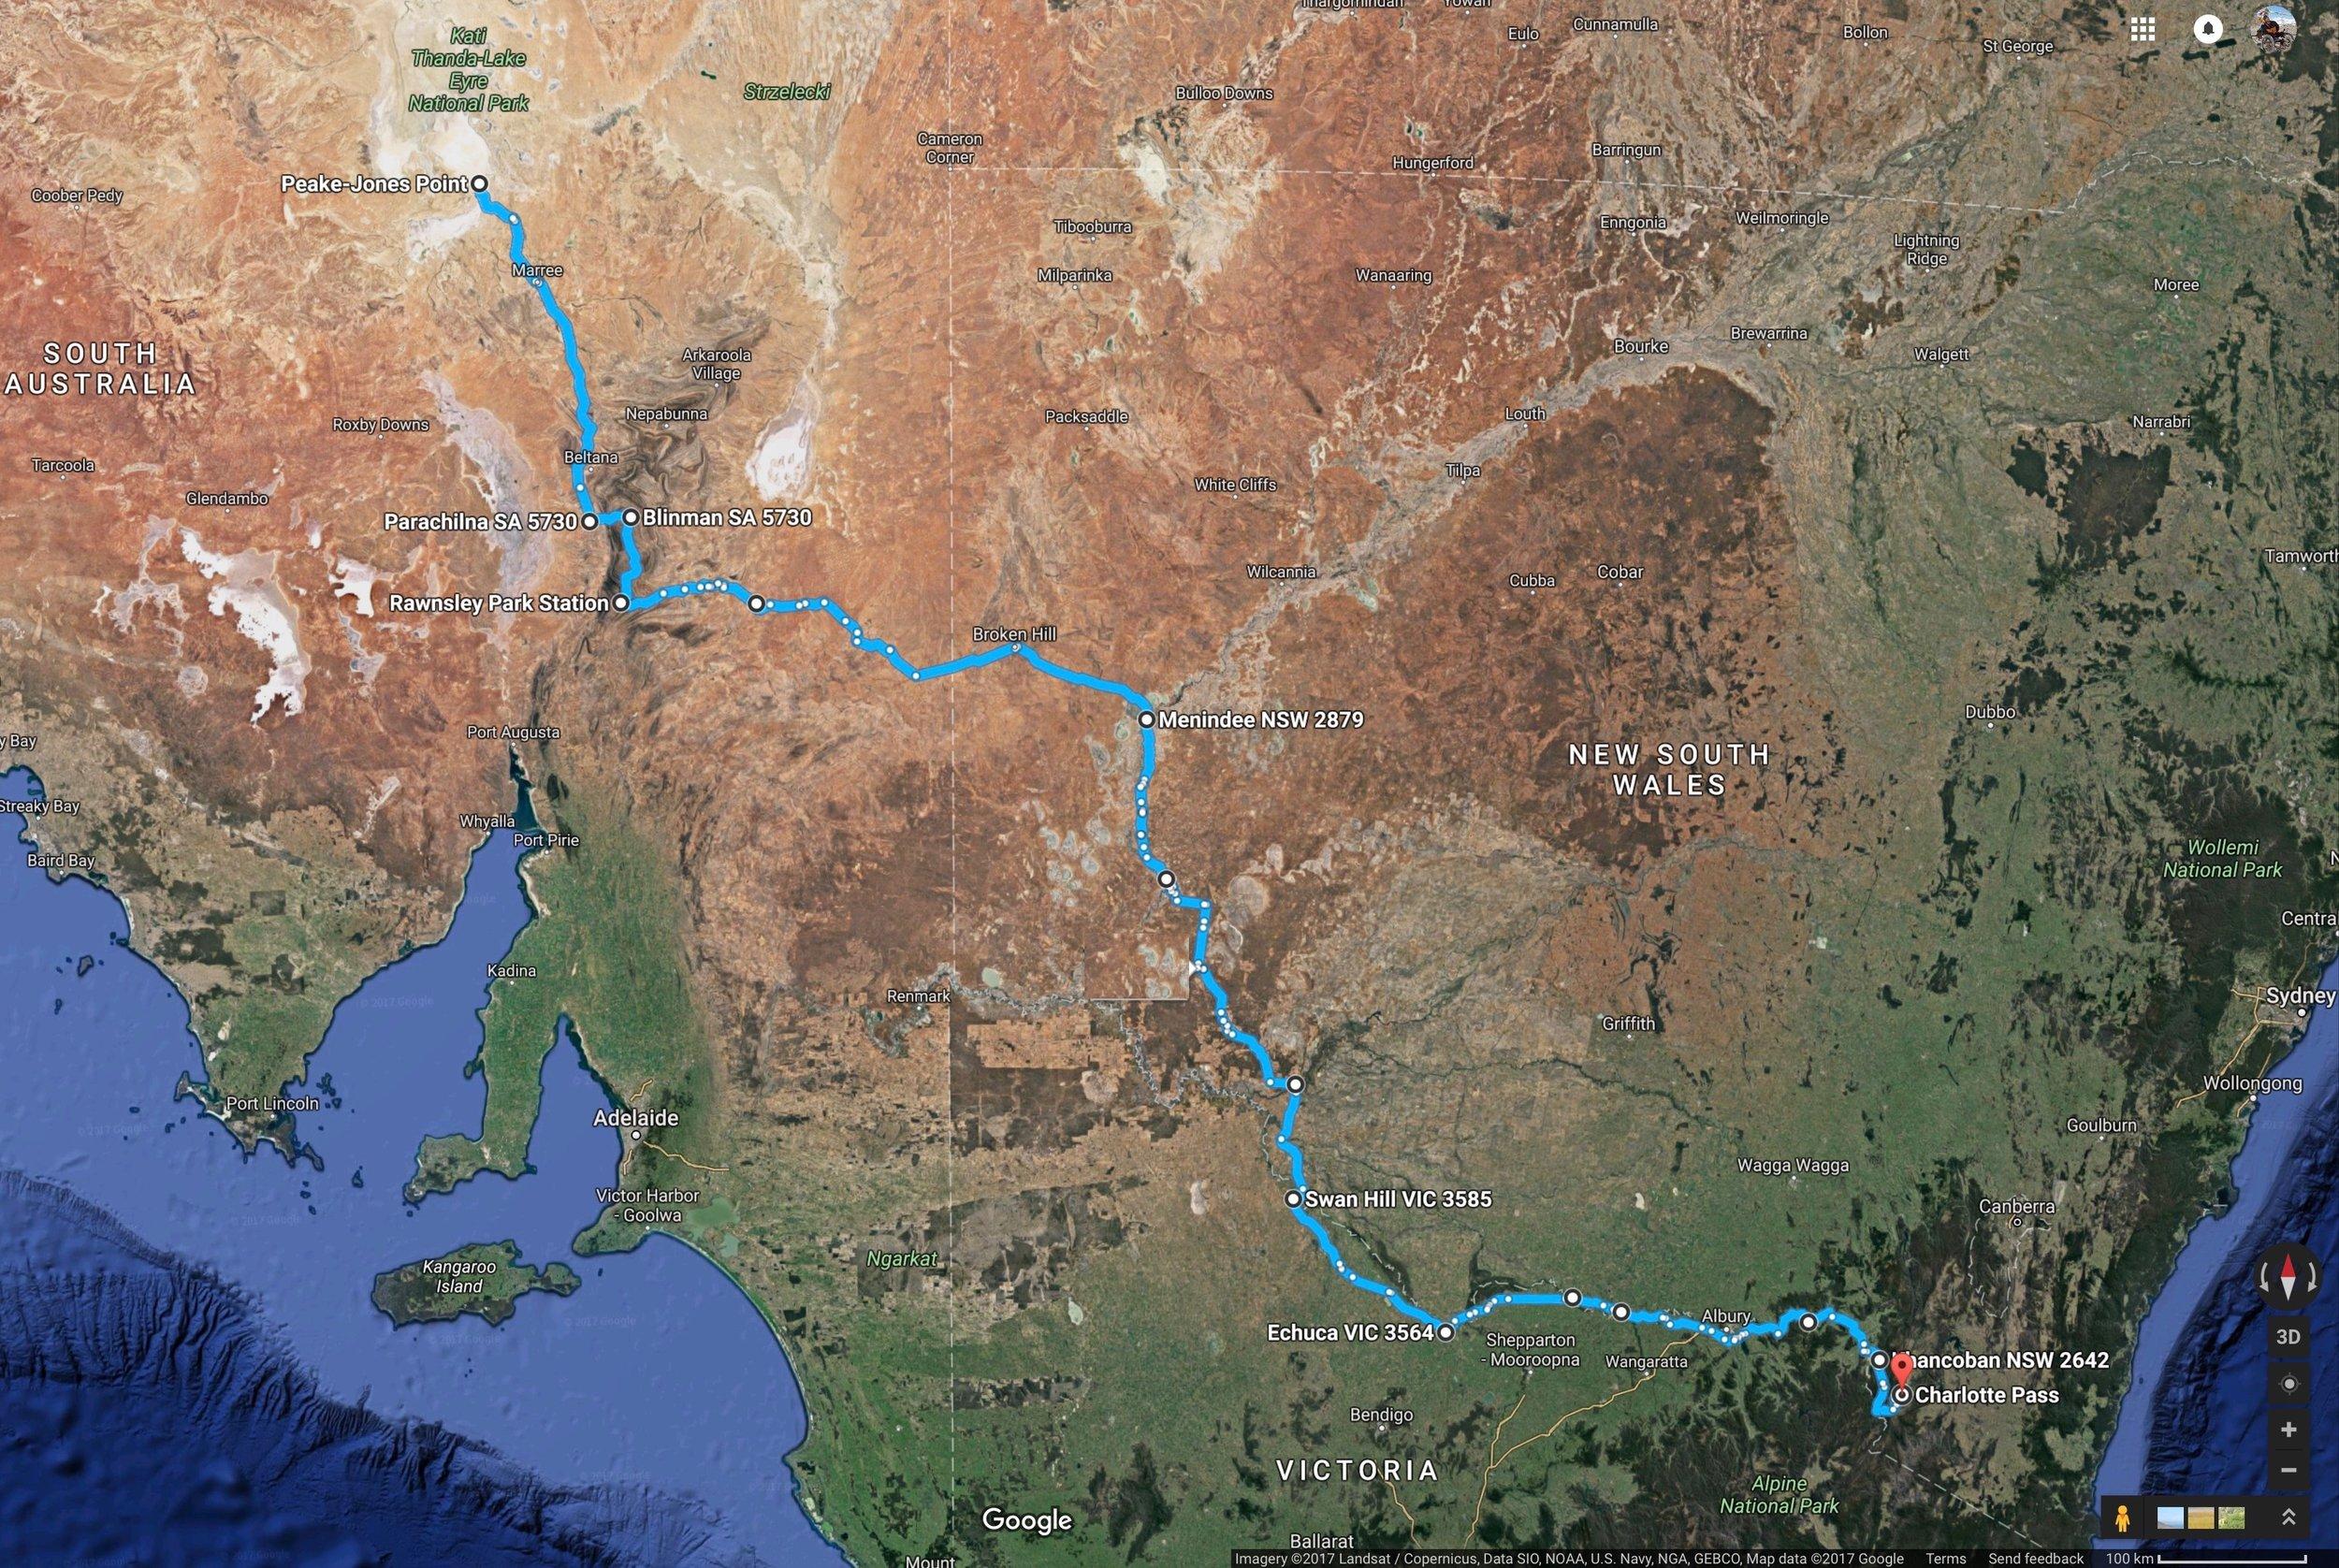 The Route. Top left Kati Thanda - Bottom right Mount Kosciuszko.